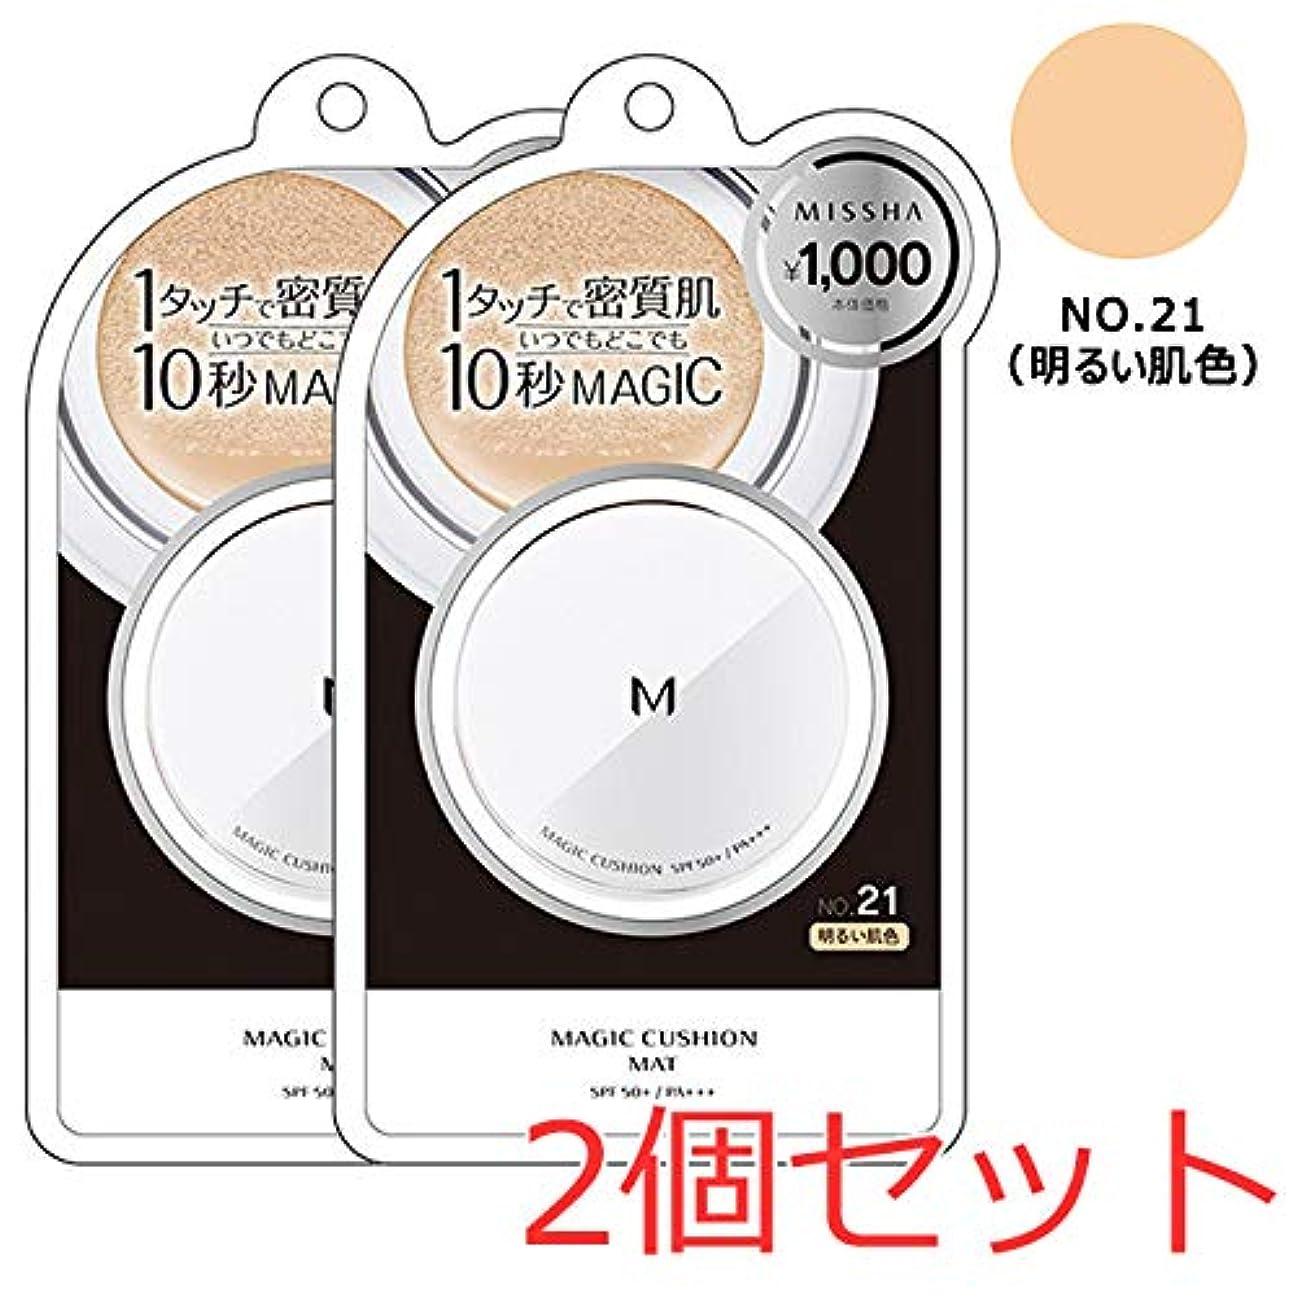 定数余剰拘束ミシャ M クッション ファンデーション (マット) No.21 明るい肌色 2個セット